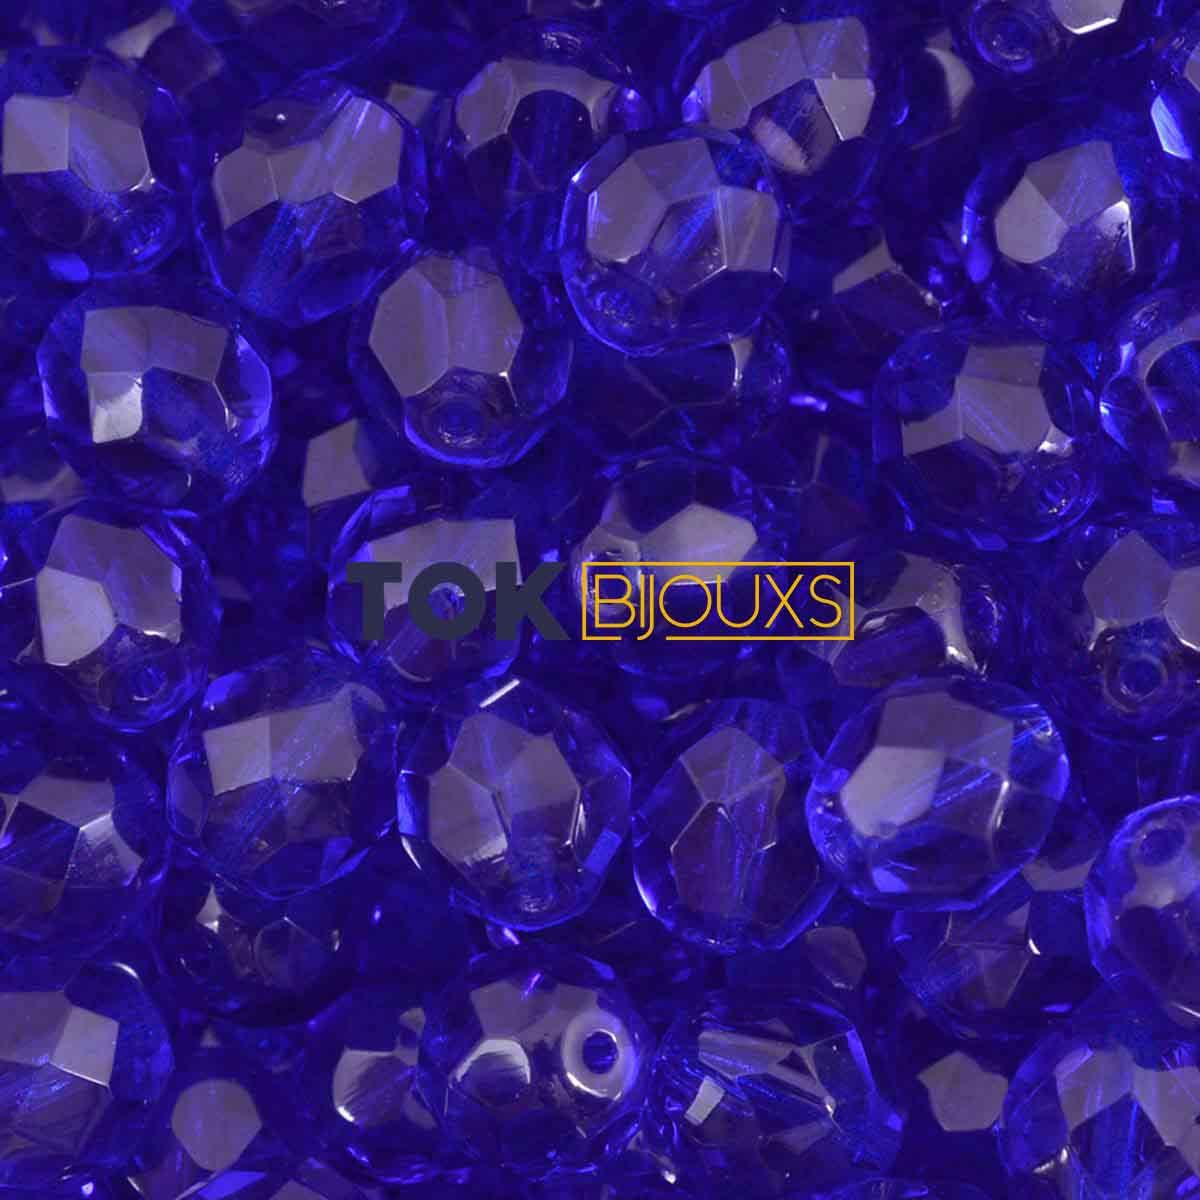 Cristal Jablonex / Preciosa ® 10mm - Azulão Transparente - Unidade